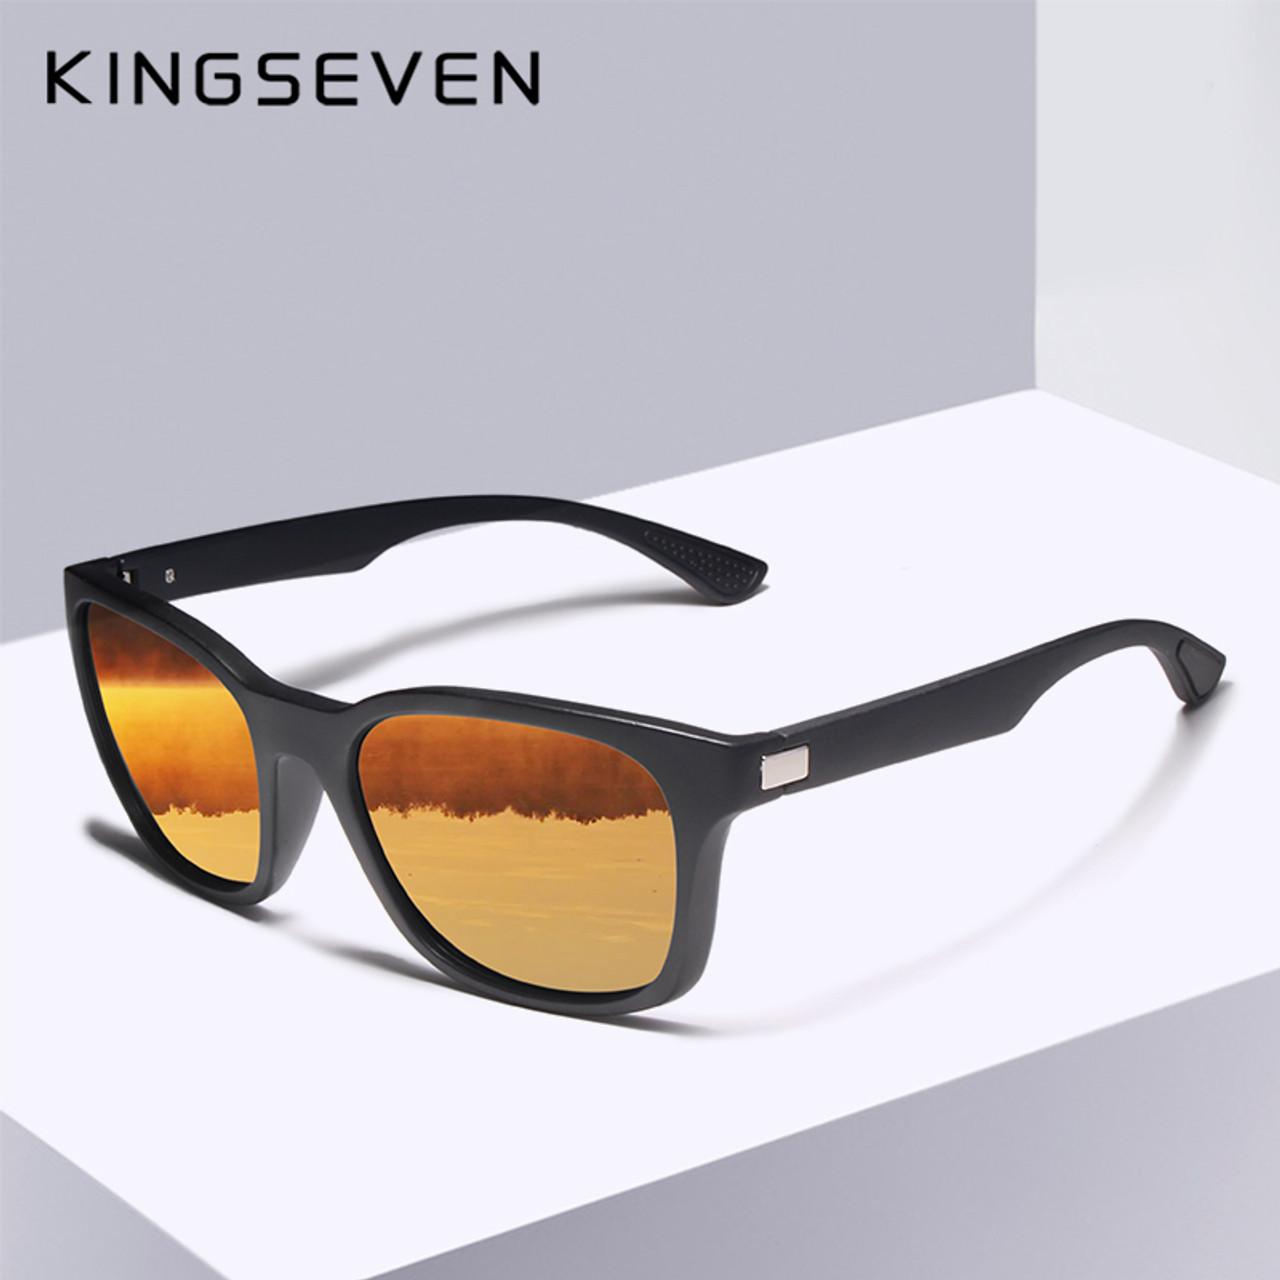 1ecdaea97341 KINGSEVEN 2018 Classic Fashion Polarized Black Sunglasses Men Eyewear For  Driving Fishing Square Sun Glasses ...